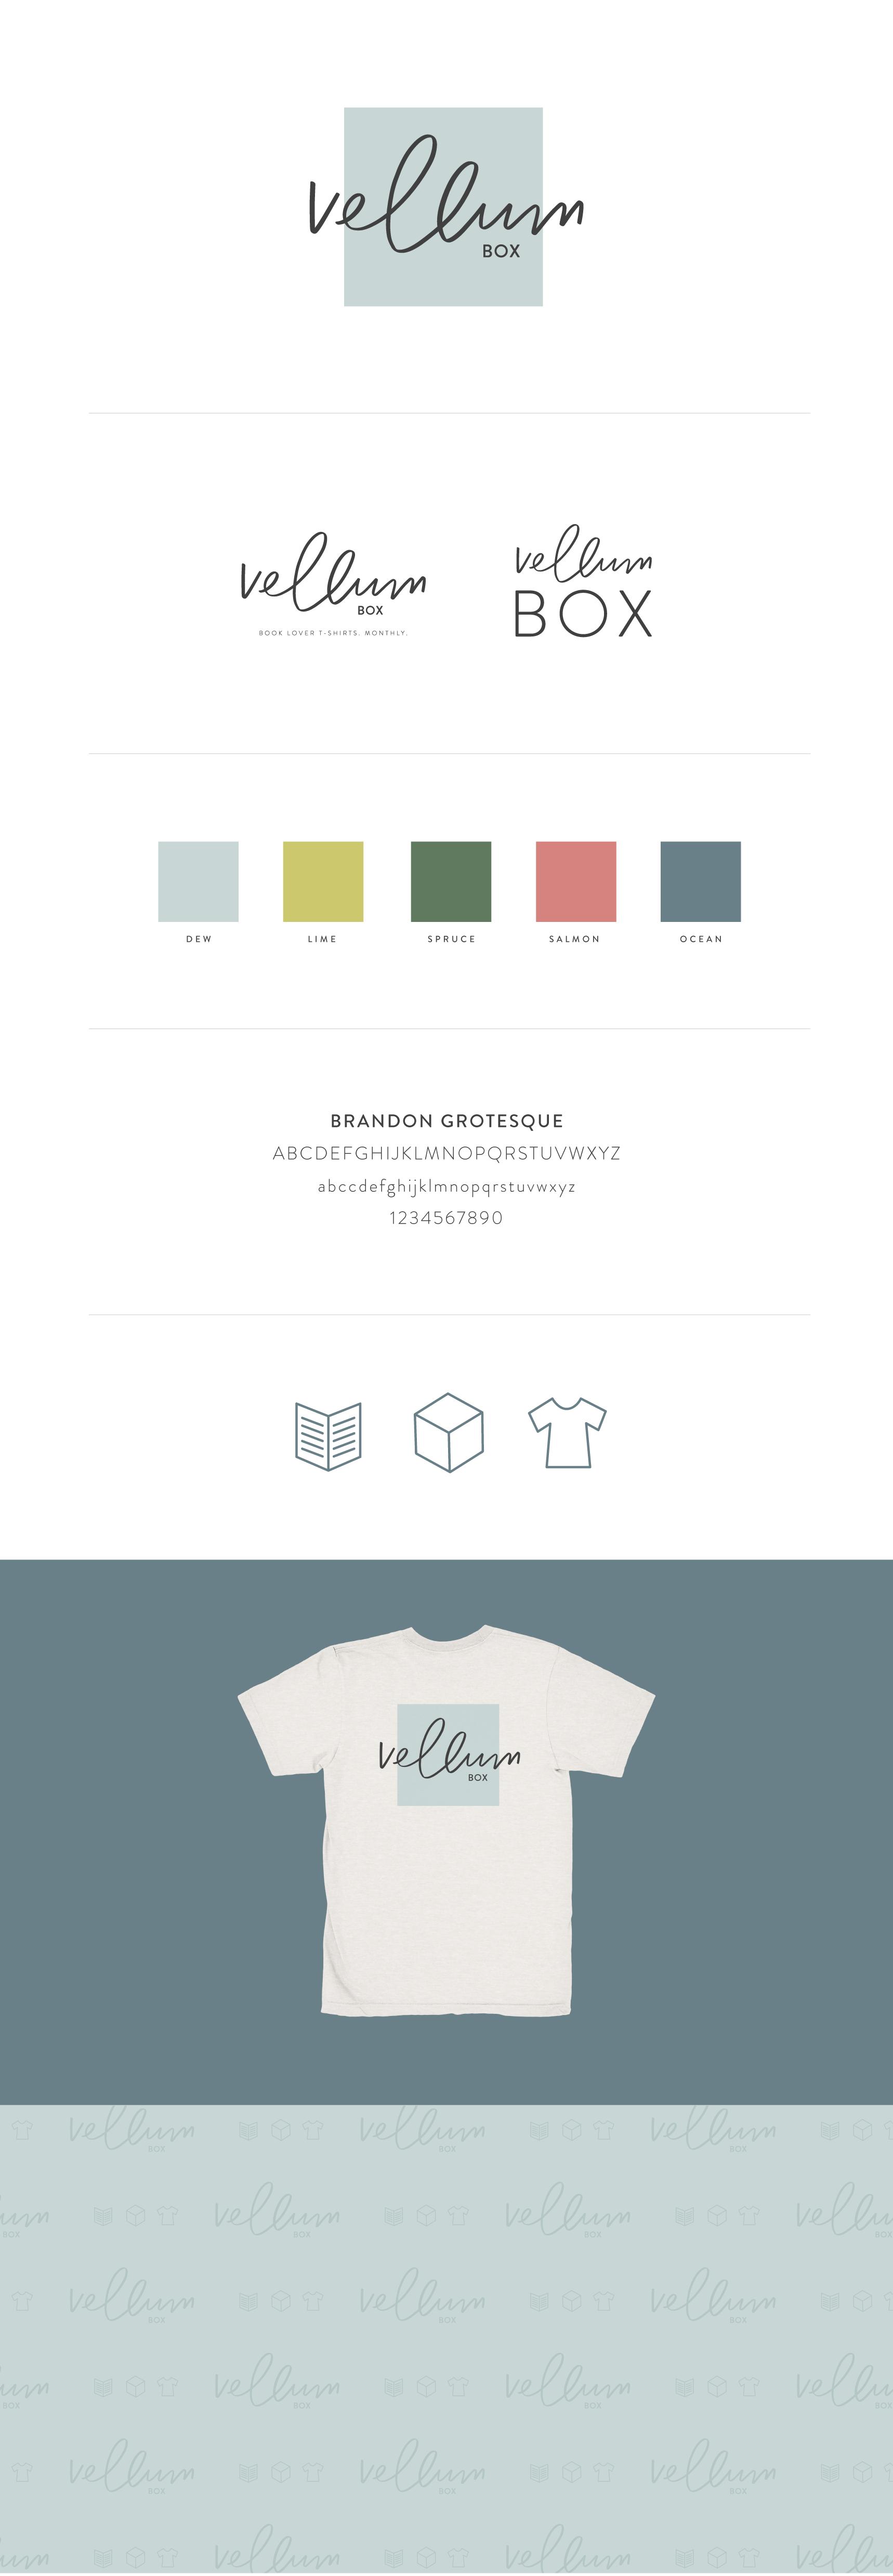 Olivia-Herrick-Design-Vellum-Box.png